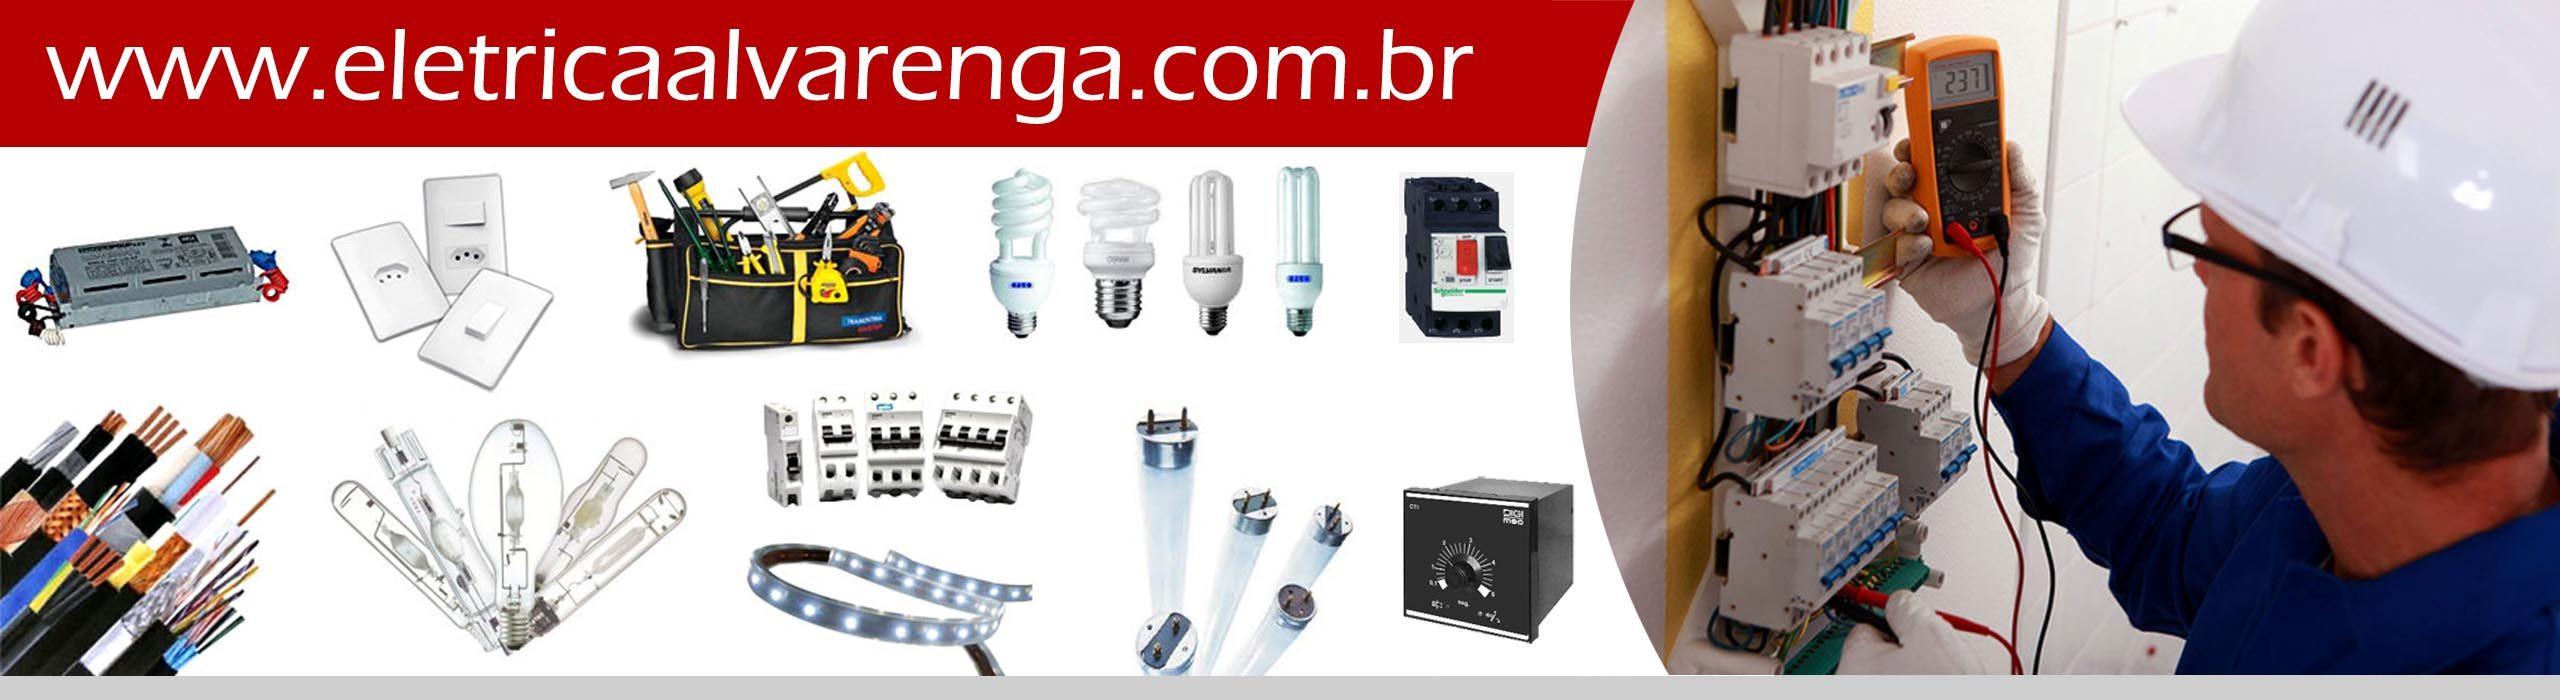 Eletrica Alvarenga